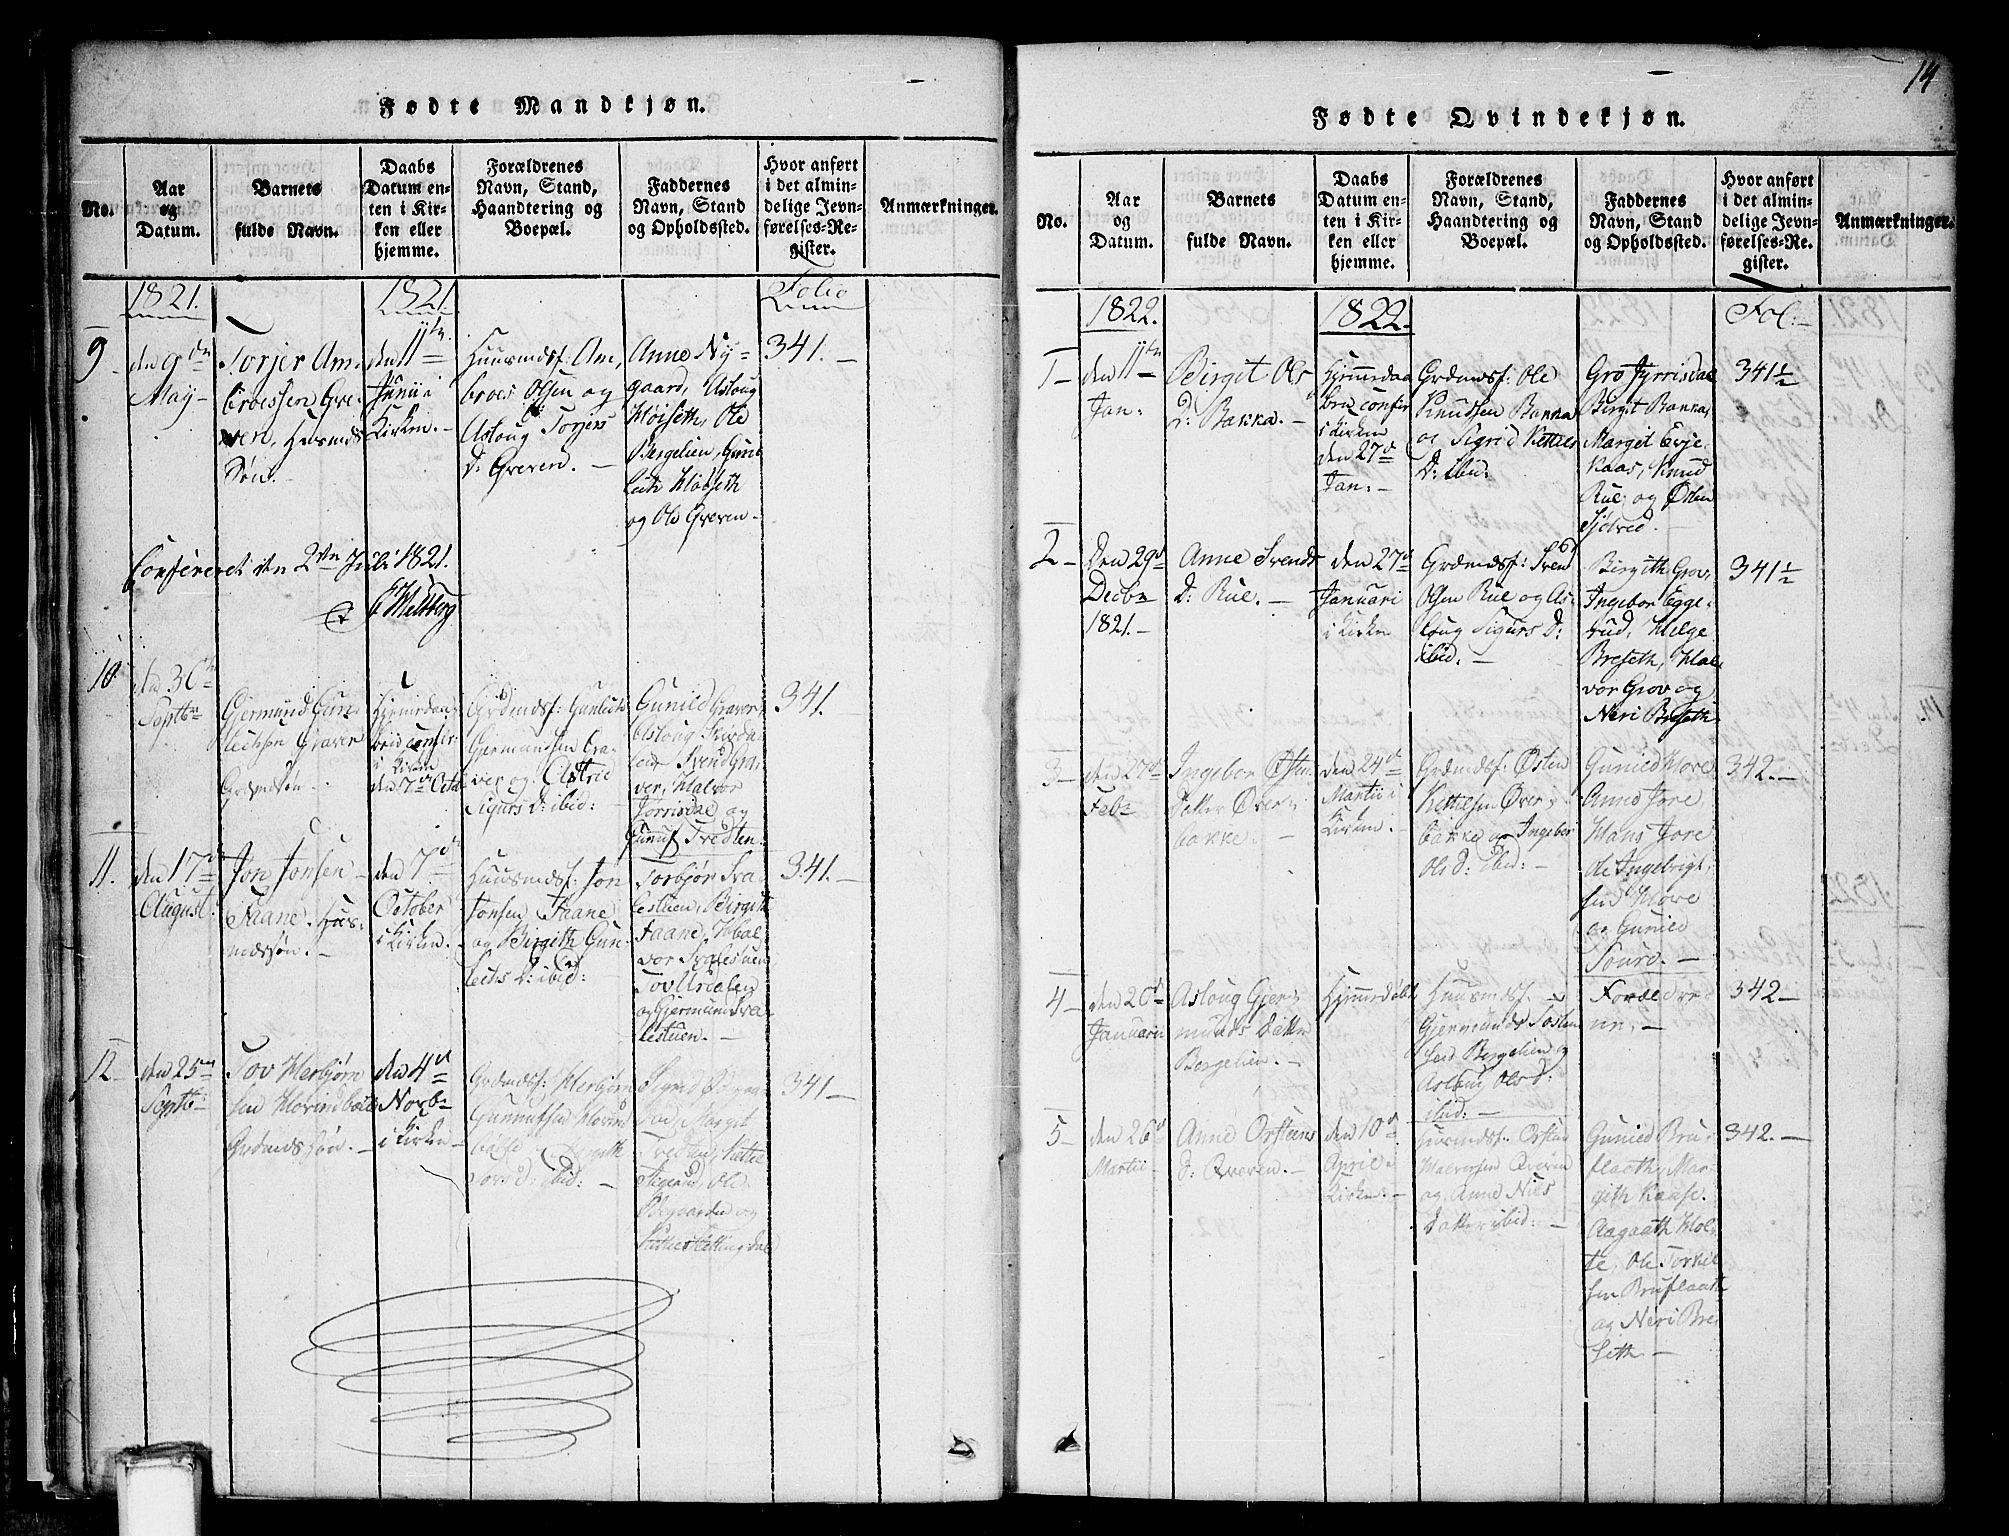 SAKO, Gransherad kirkebøker, G/Gb/L0001: Klokkerbok nr. II 1, 1815-1860, s. 14